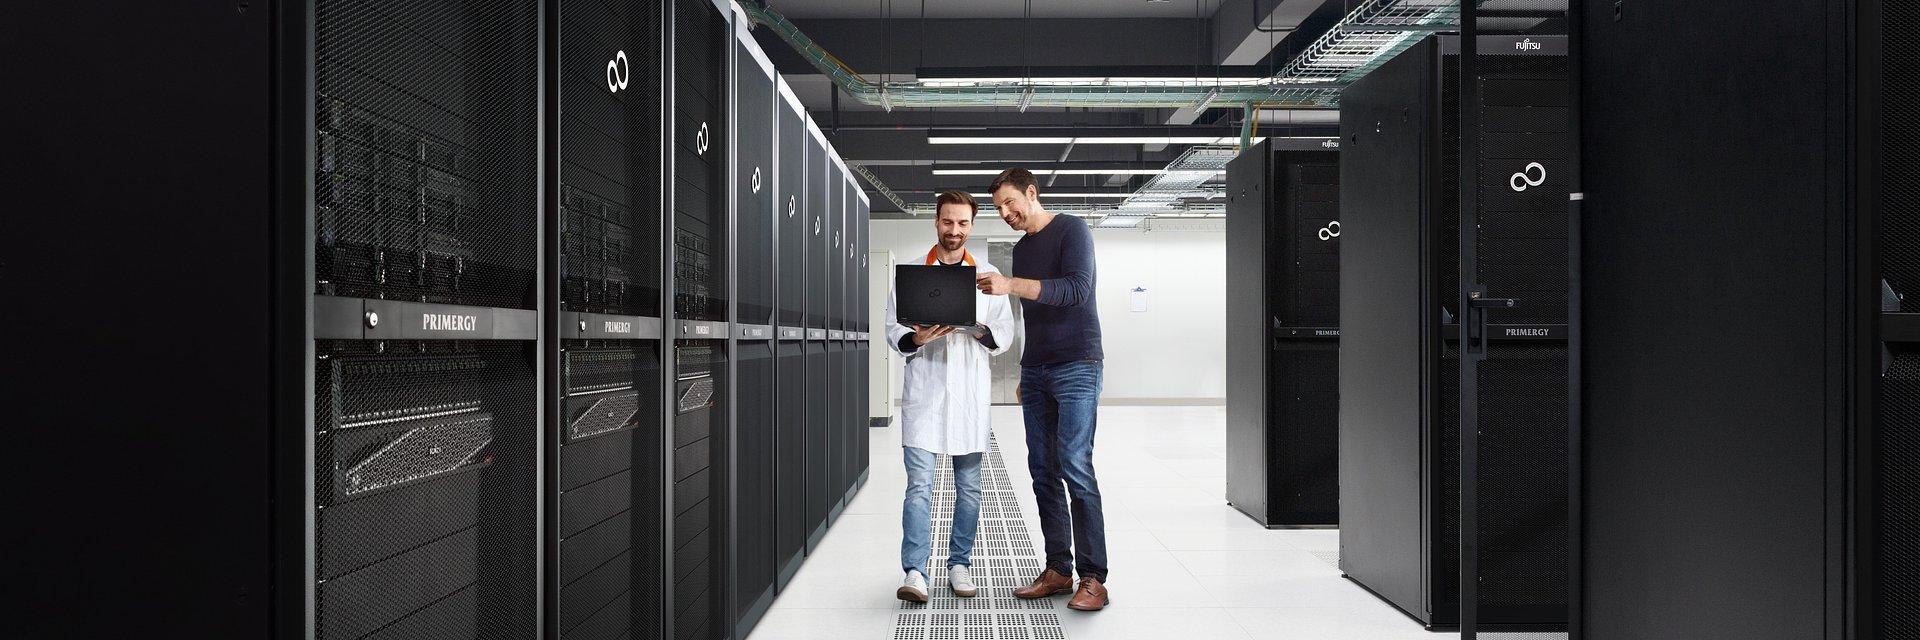 Jak opanować petabajty danych? Fujitsu wprowadza innowacyjne rozwiązanie do zarządzania zasobami